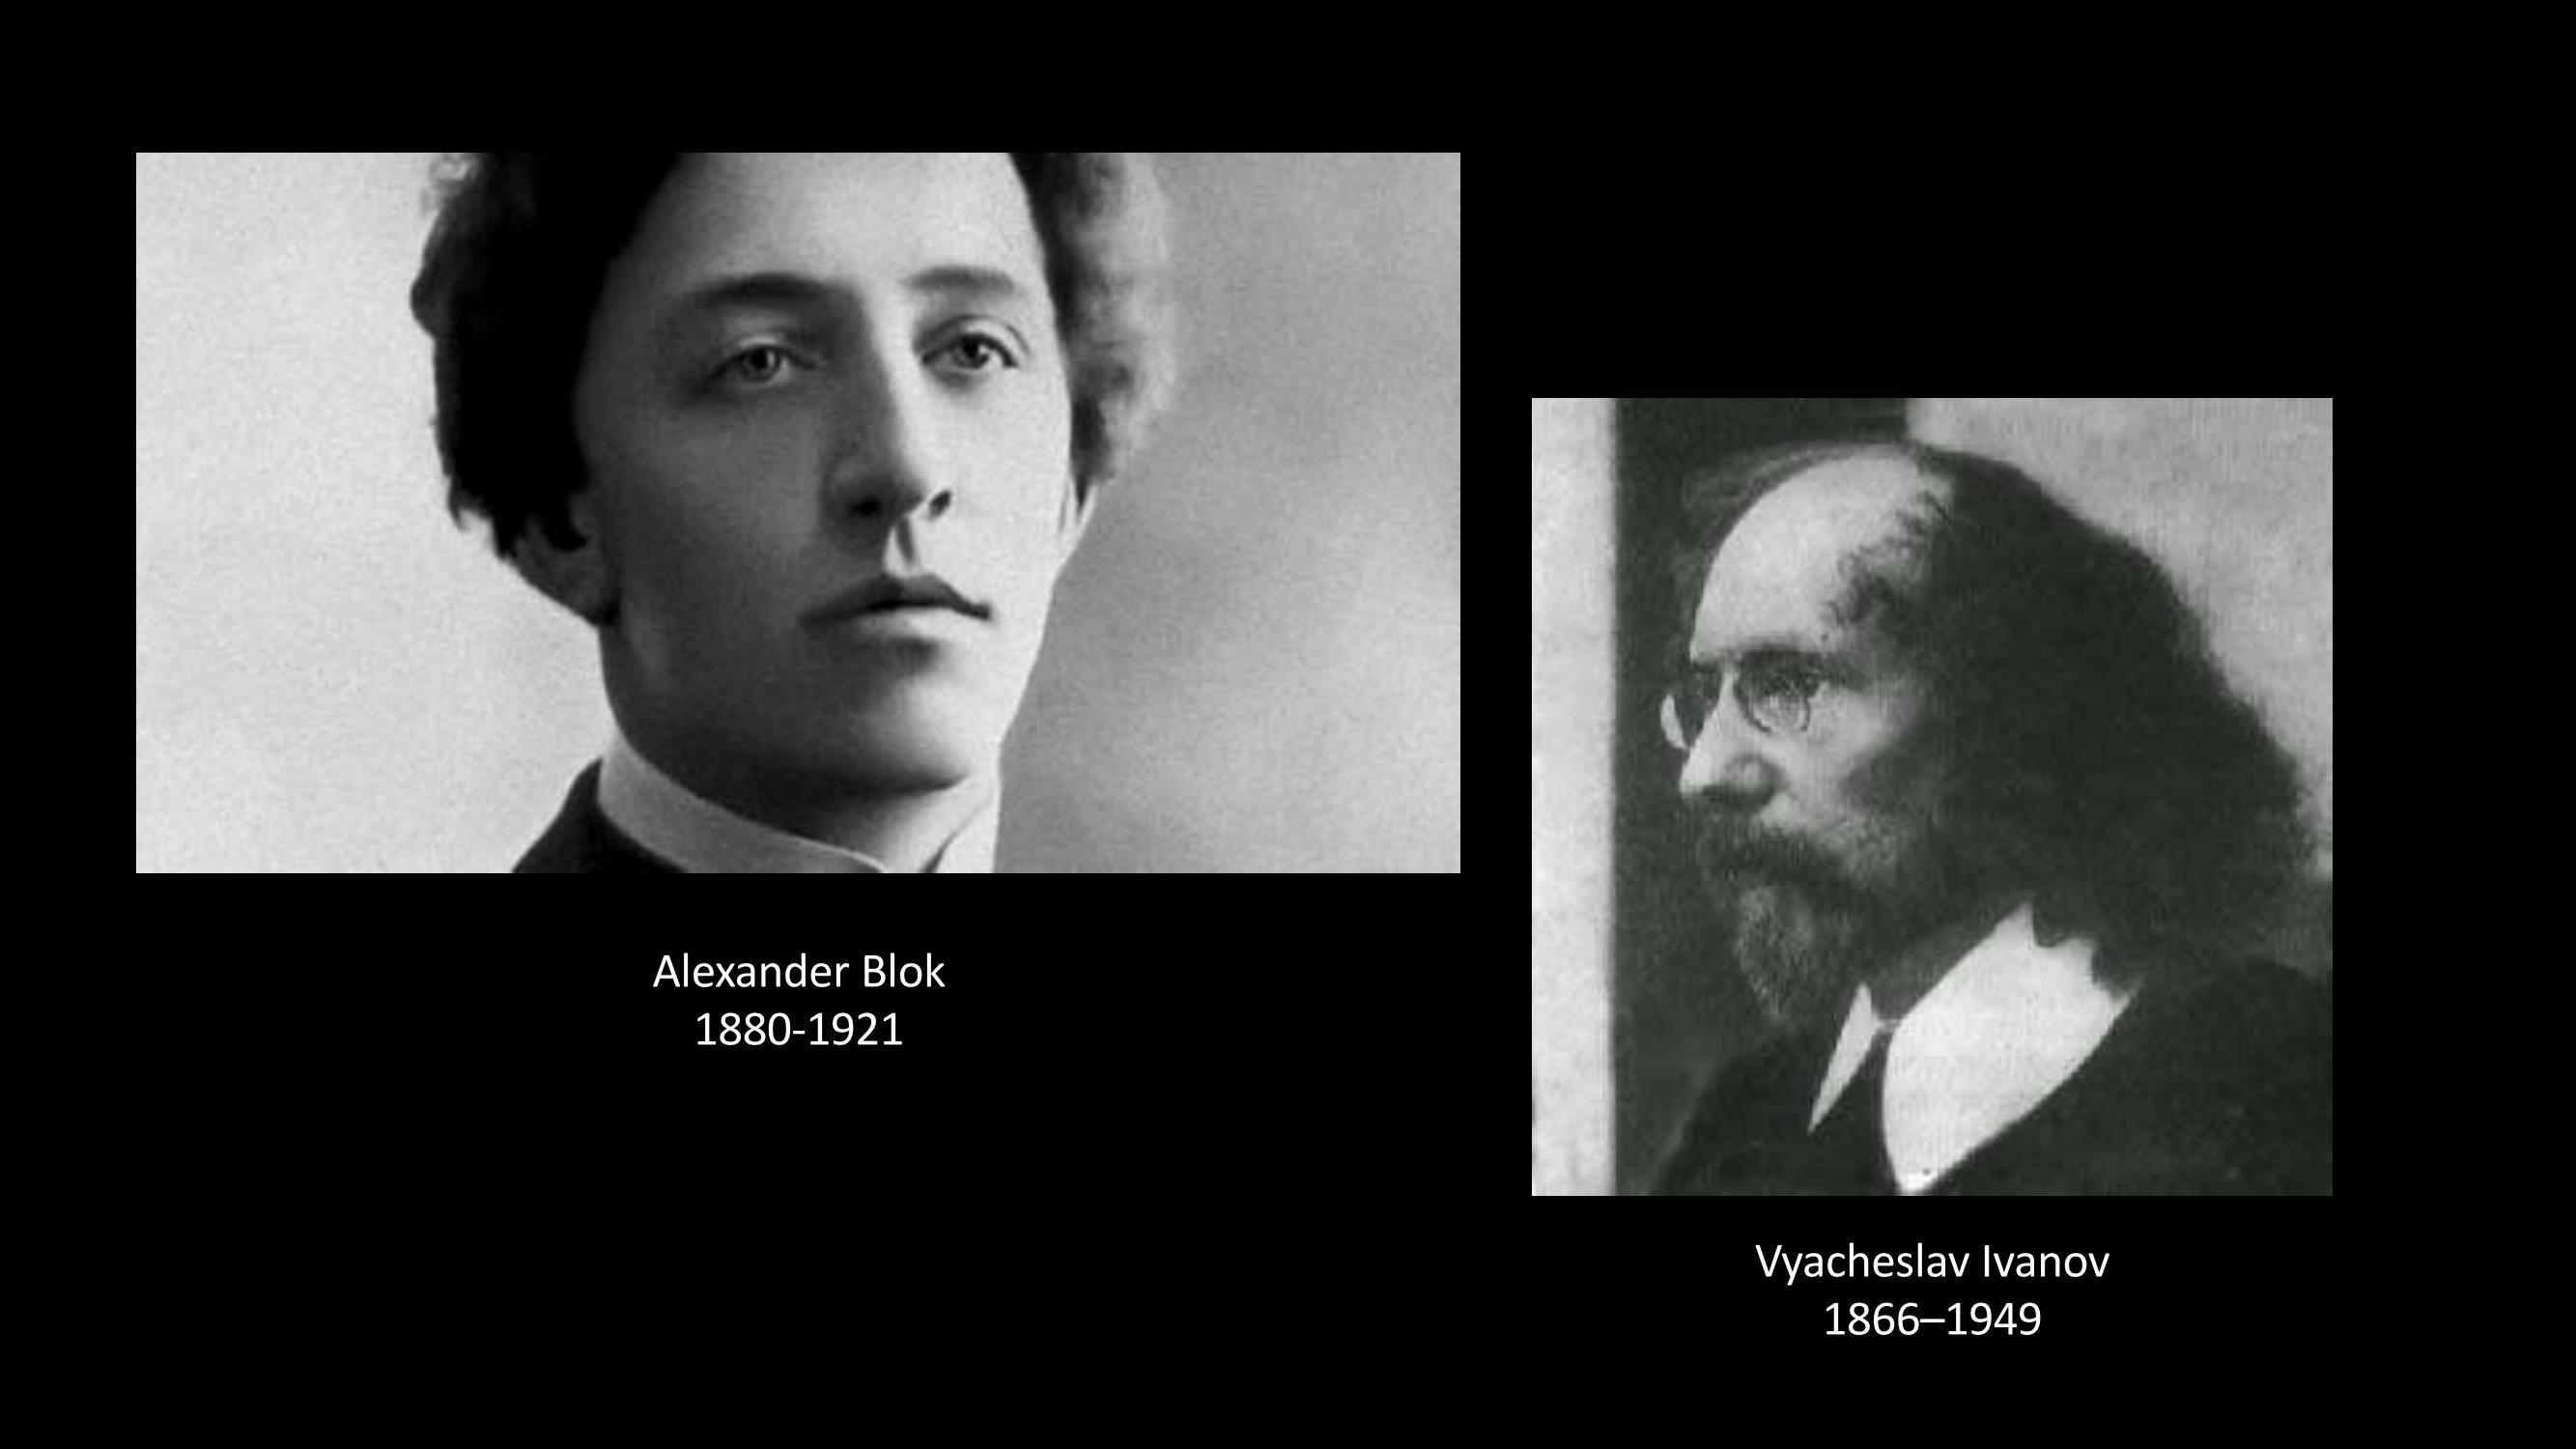 [19] Alexander Blok - Vyacheslav Ivanov